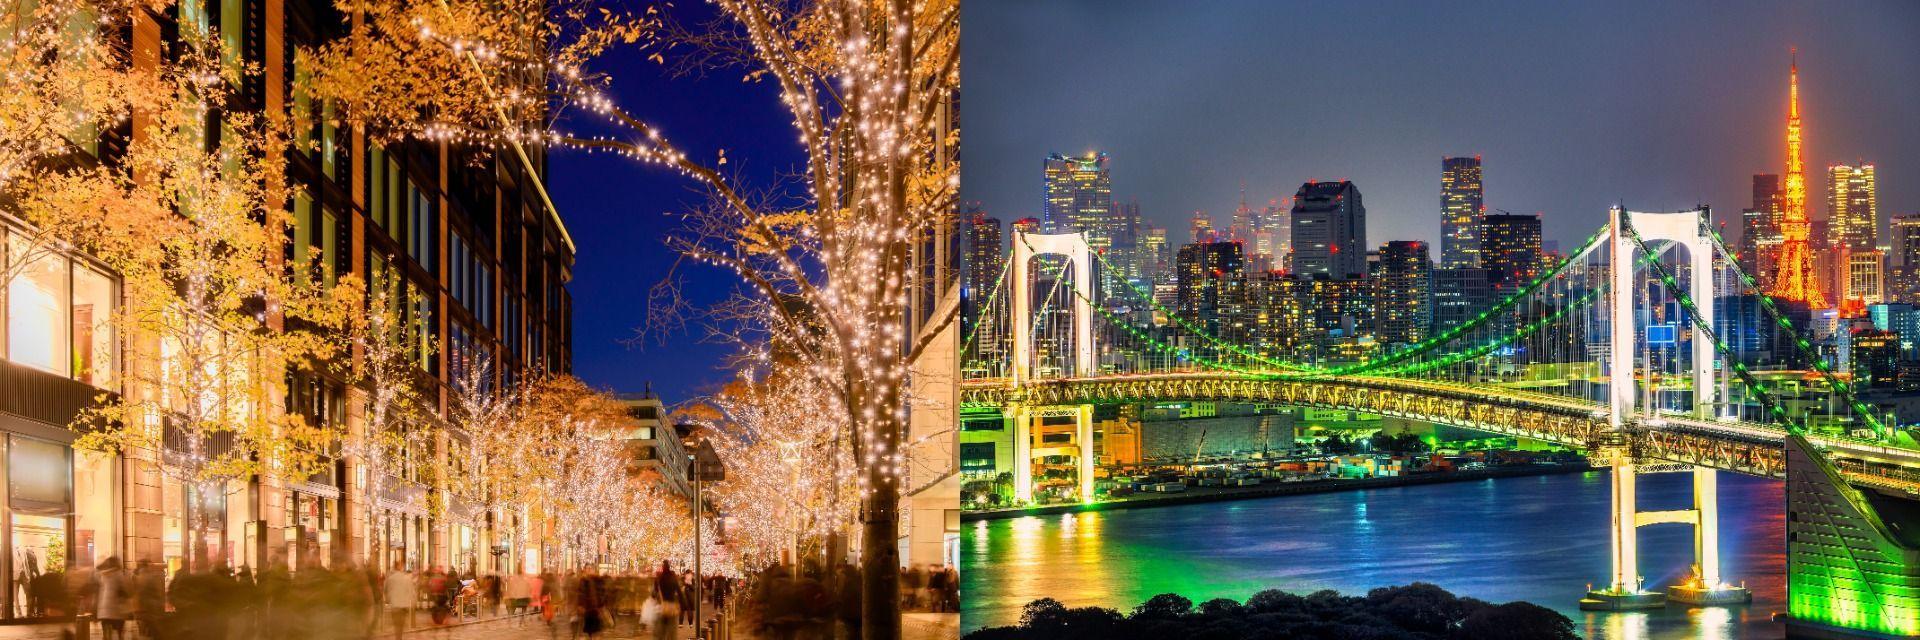 Shibuya, Roppongi, Omotesando Illumination Japan